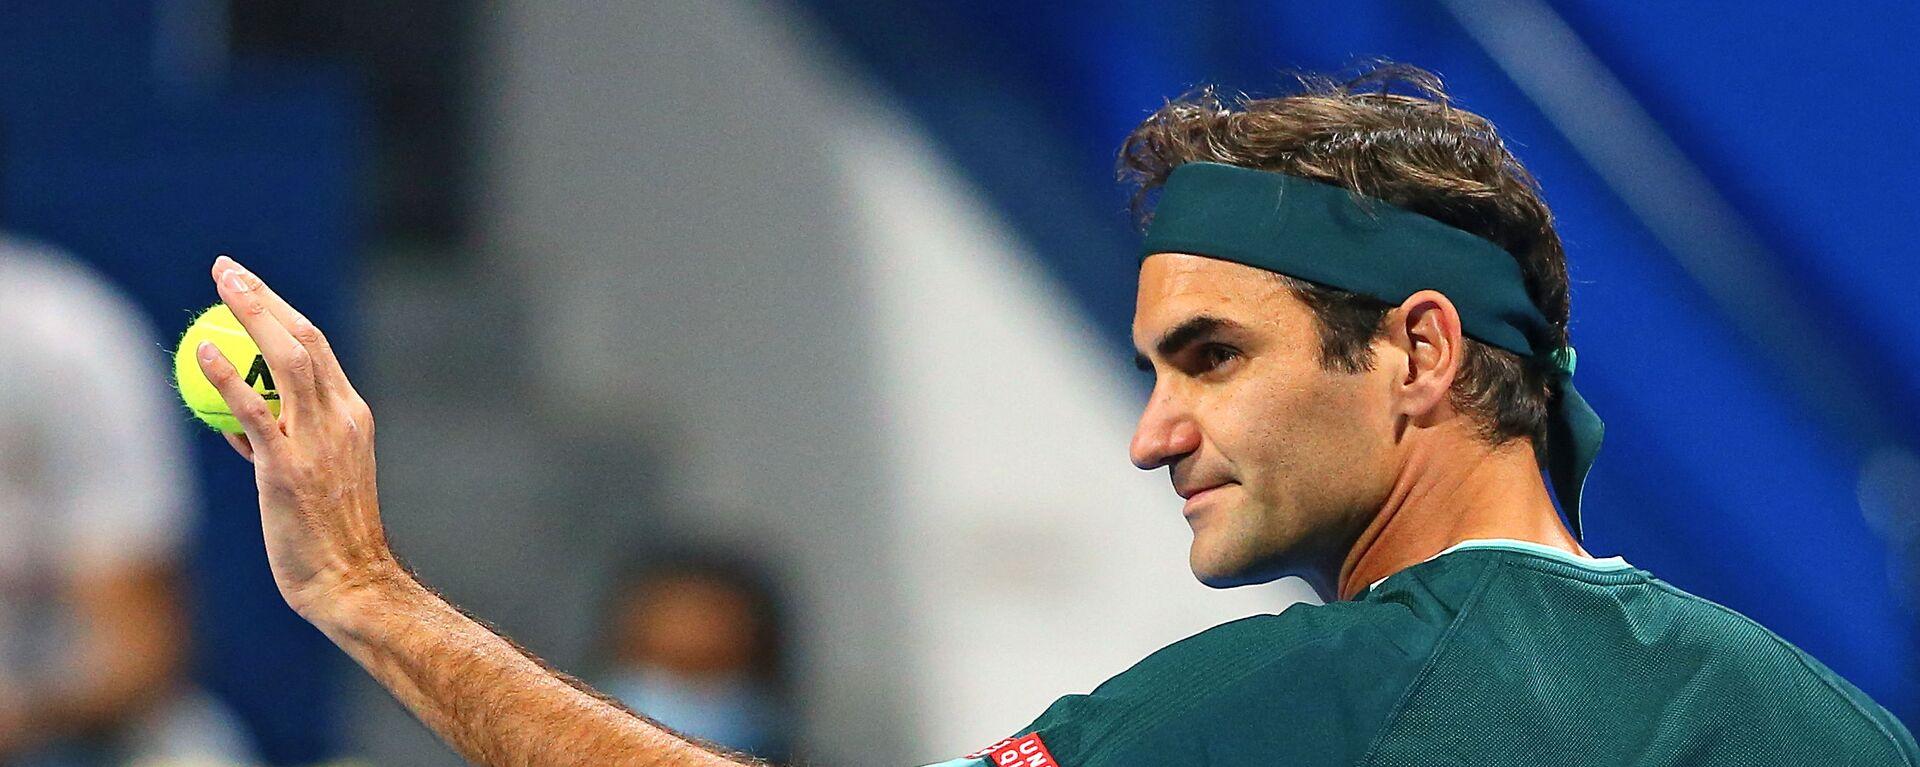 Rodžer Federer tokom meča u Dohi protiv Danijela Evansa - Sputnik Srbija, 1920, 18.05.2021